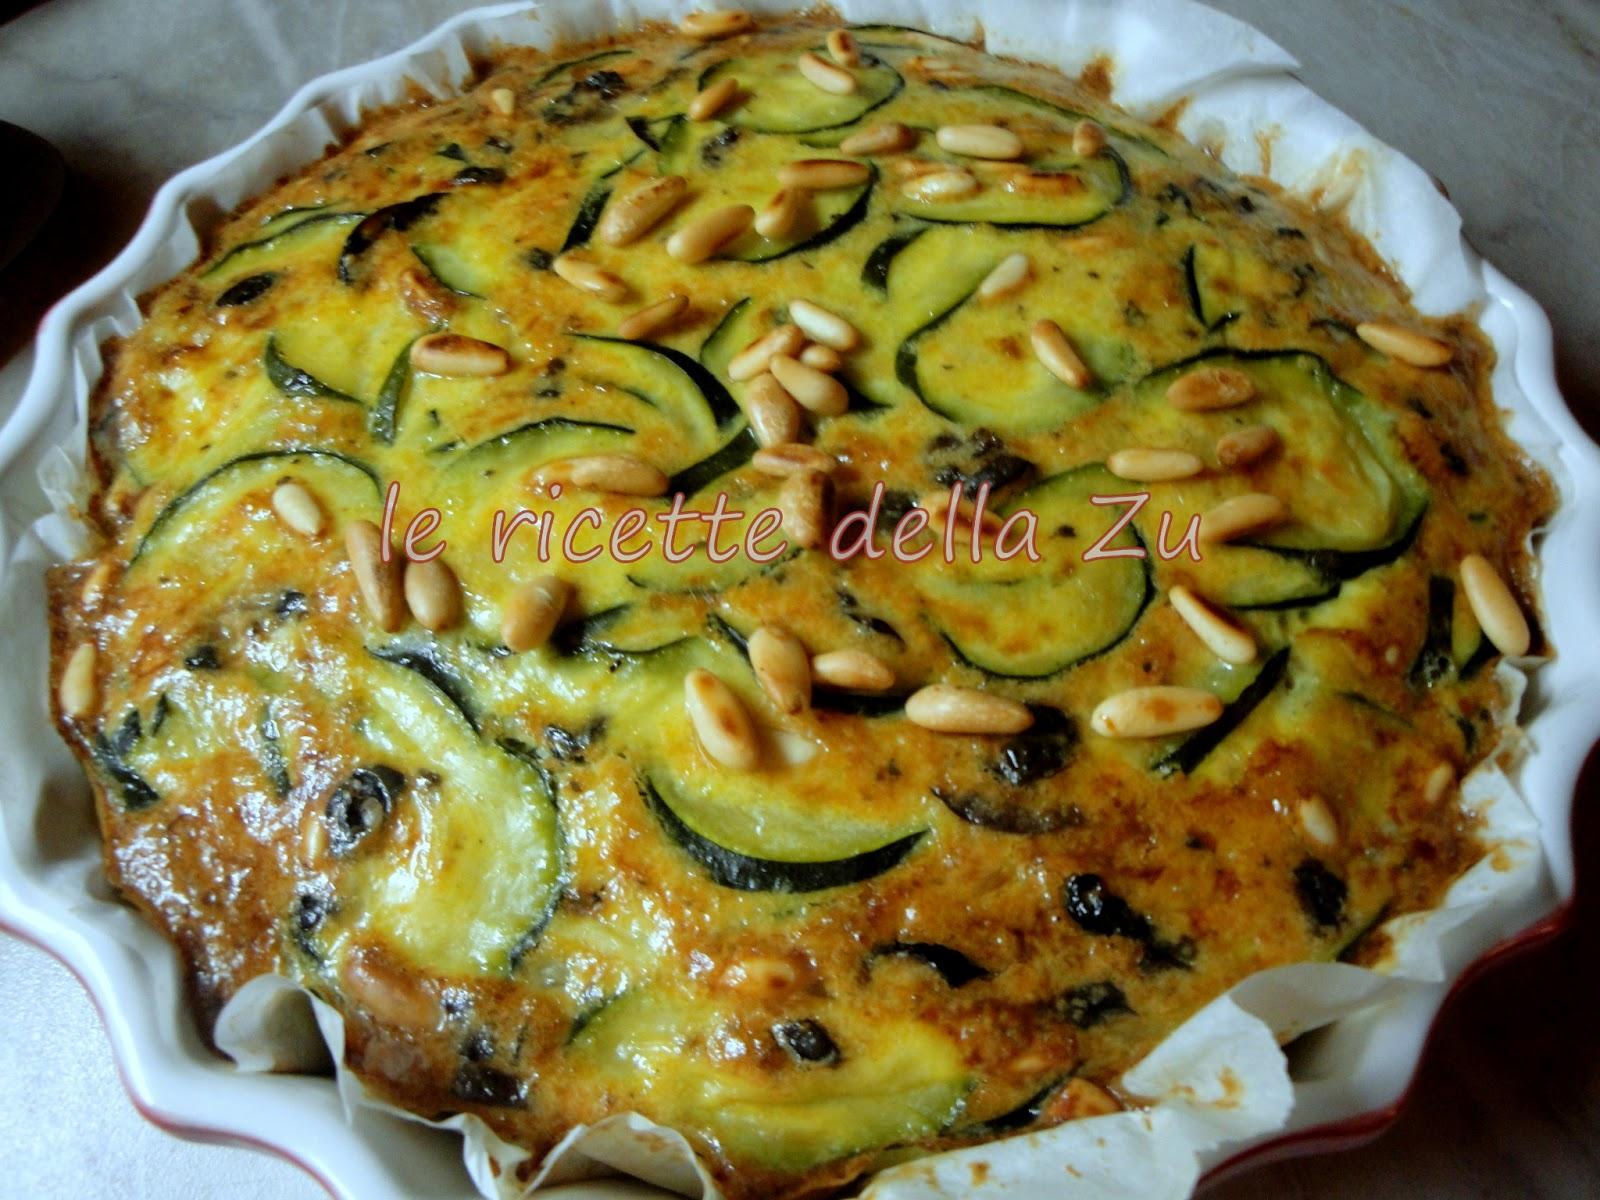 le ricette della zu frittata al forno con zucchine olive